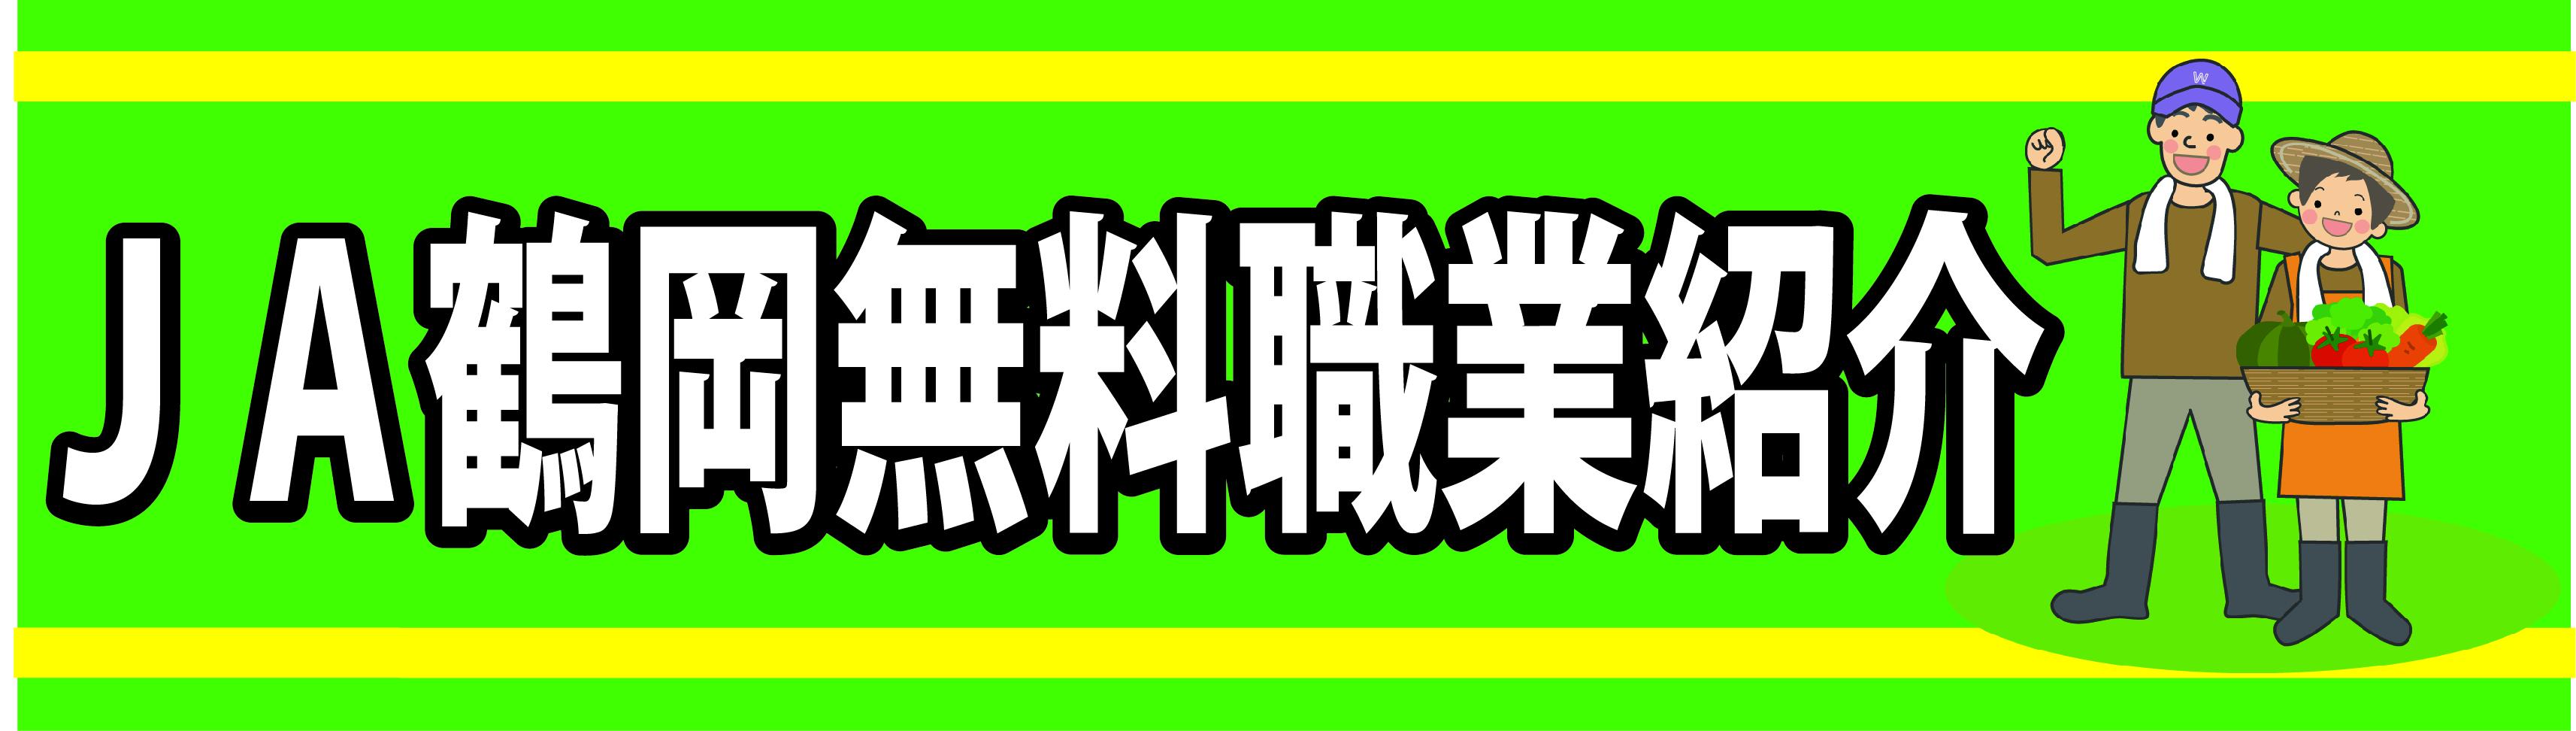 JA鶴岡無料職業紹介